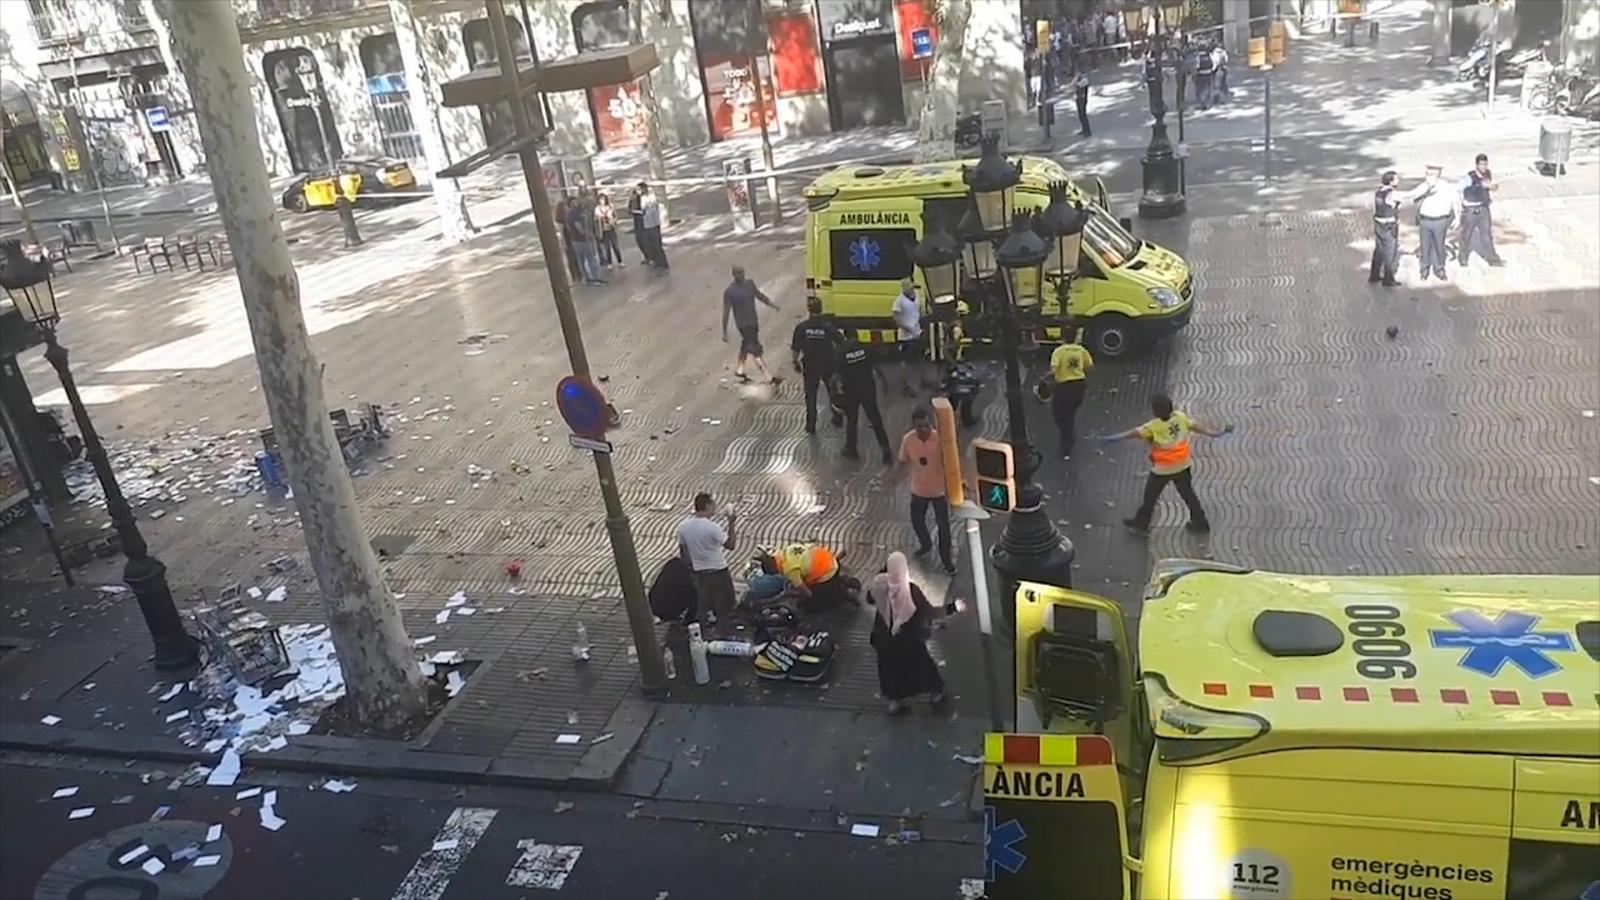 footage-shows-aftermath-in-las-ramblas-after-van-ploughs-into-pedestrians